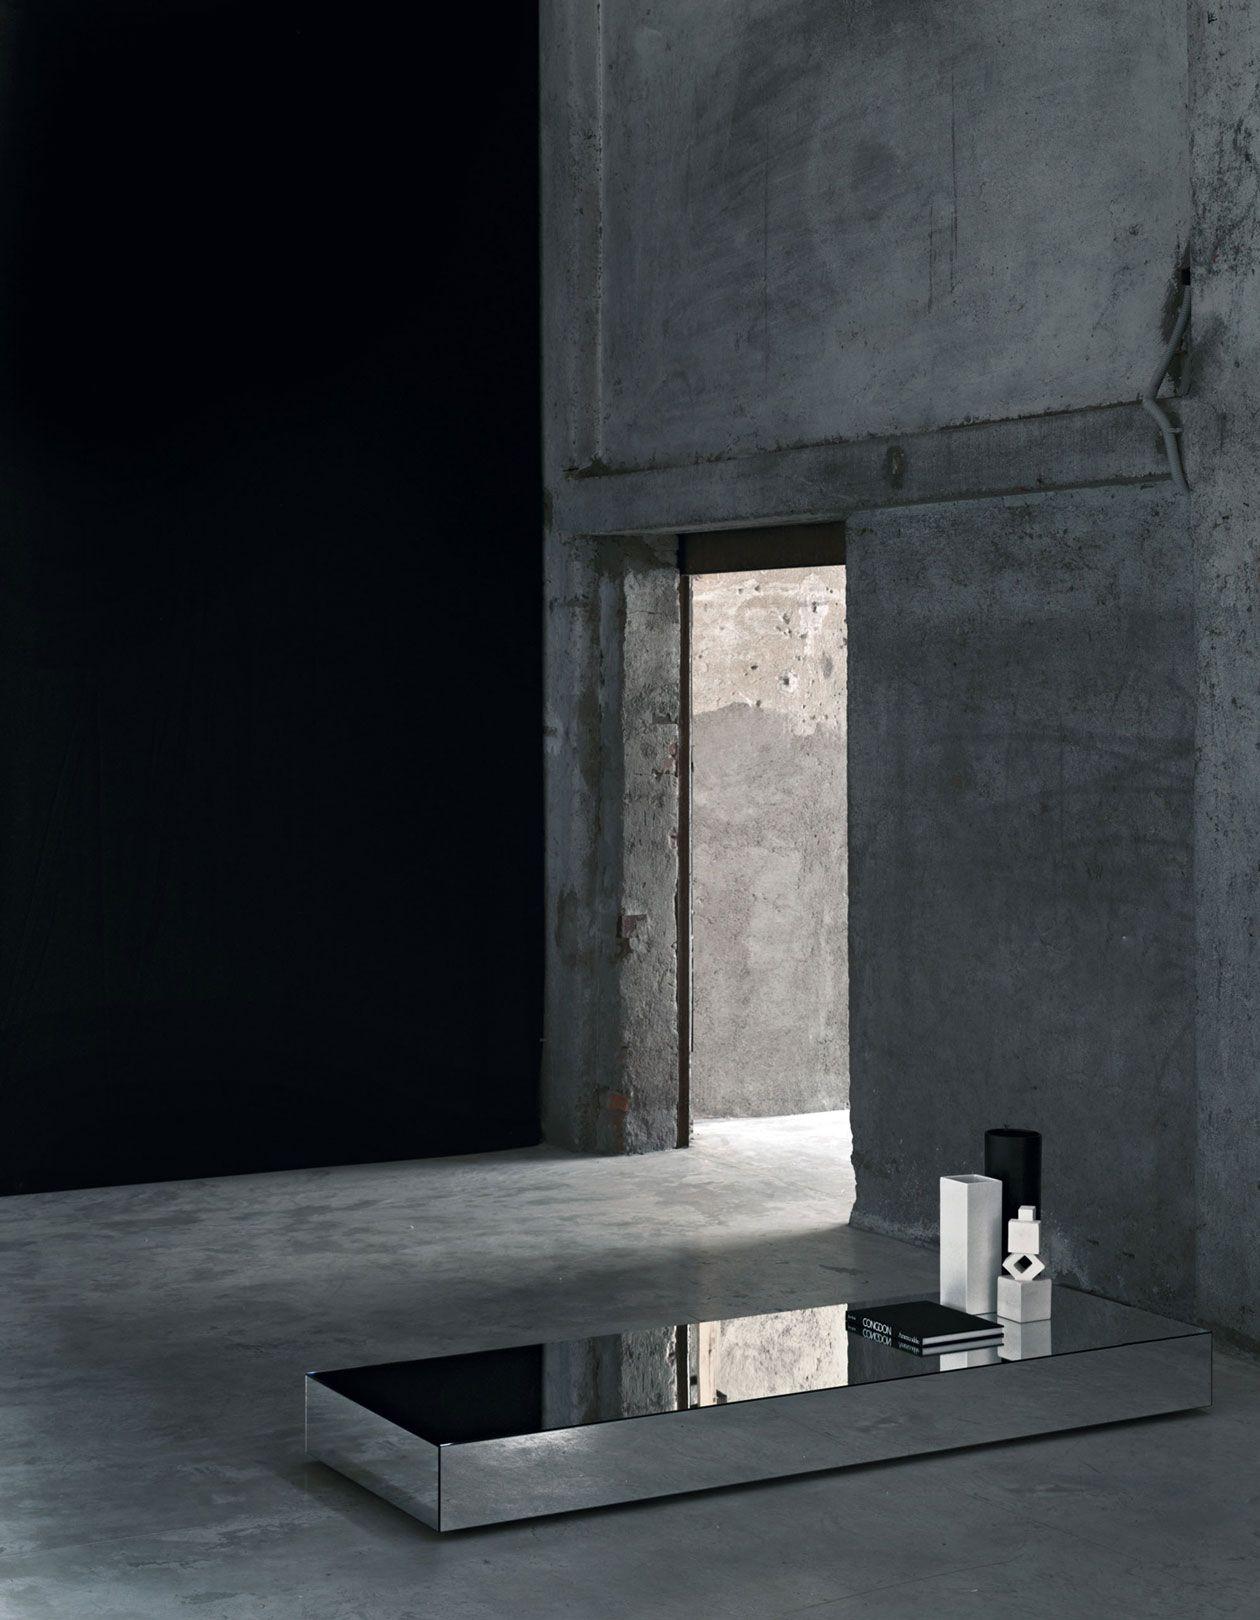 Glasitalia http://www.glasitalia.com/prodotti.php?prod=300&grp=tavoli/consolle/scrittoi